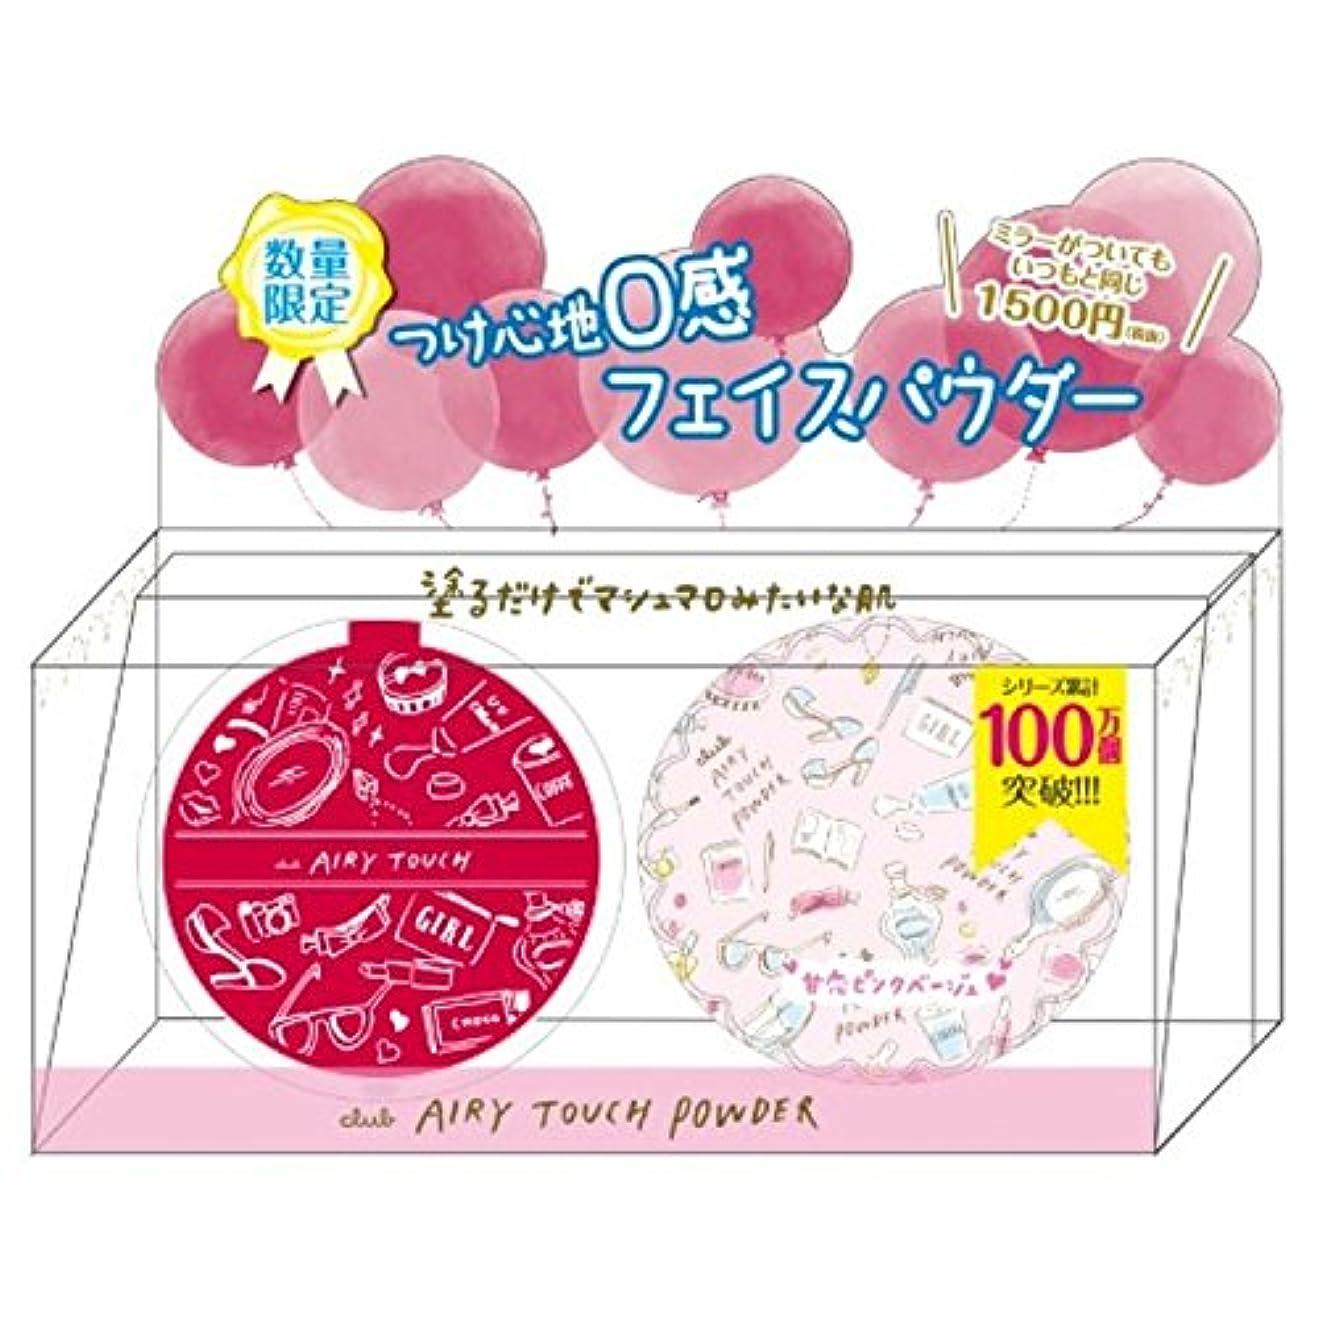 吸収剤オーガニックコードエアリータッチパウダーa鏡付き 甘恋ピンクベージュ